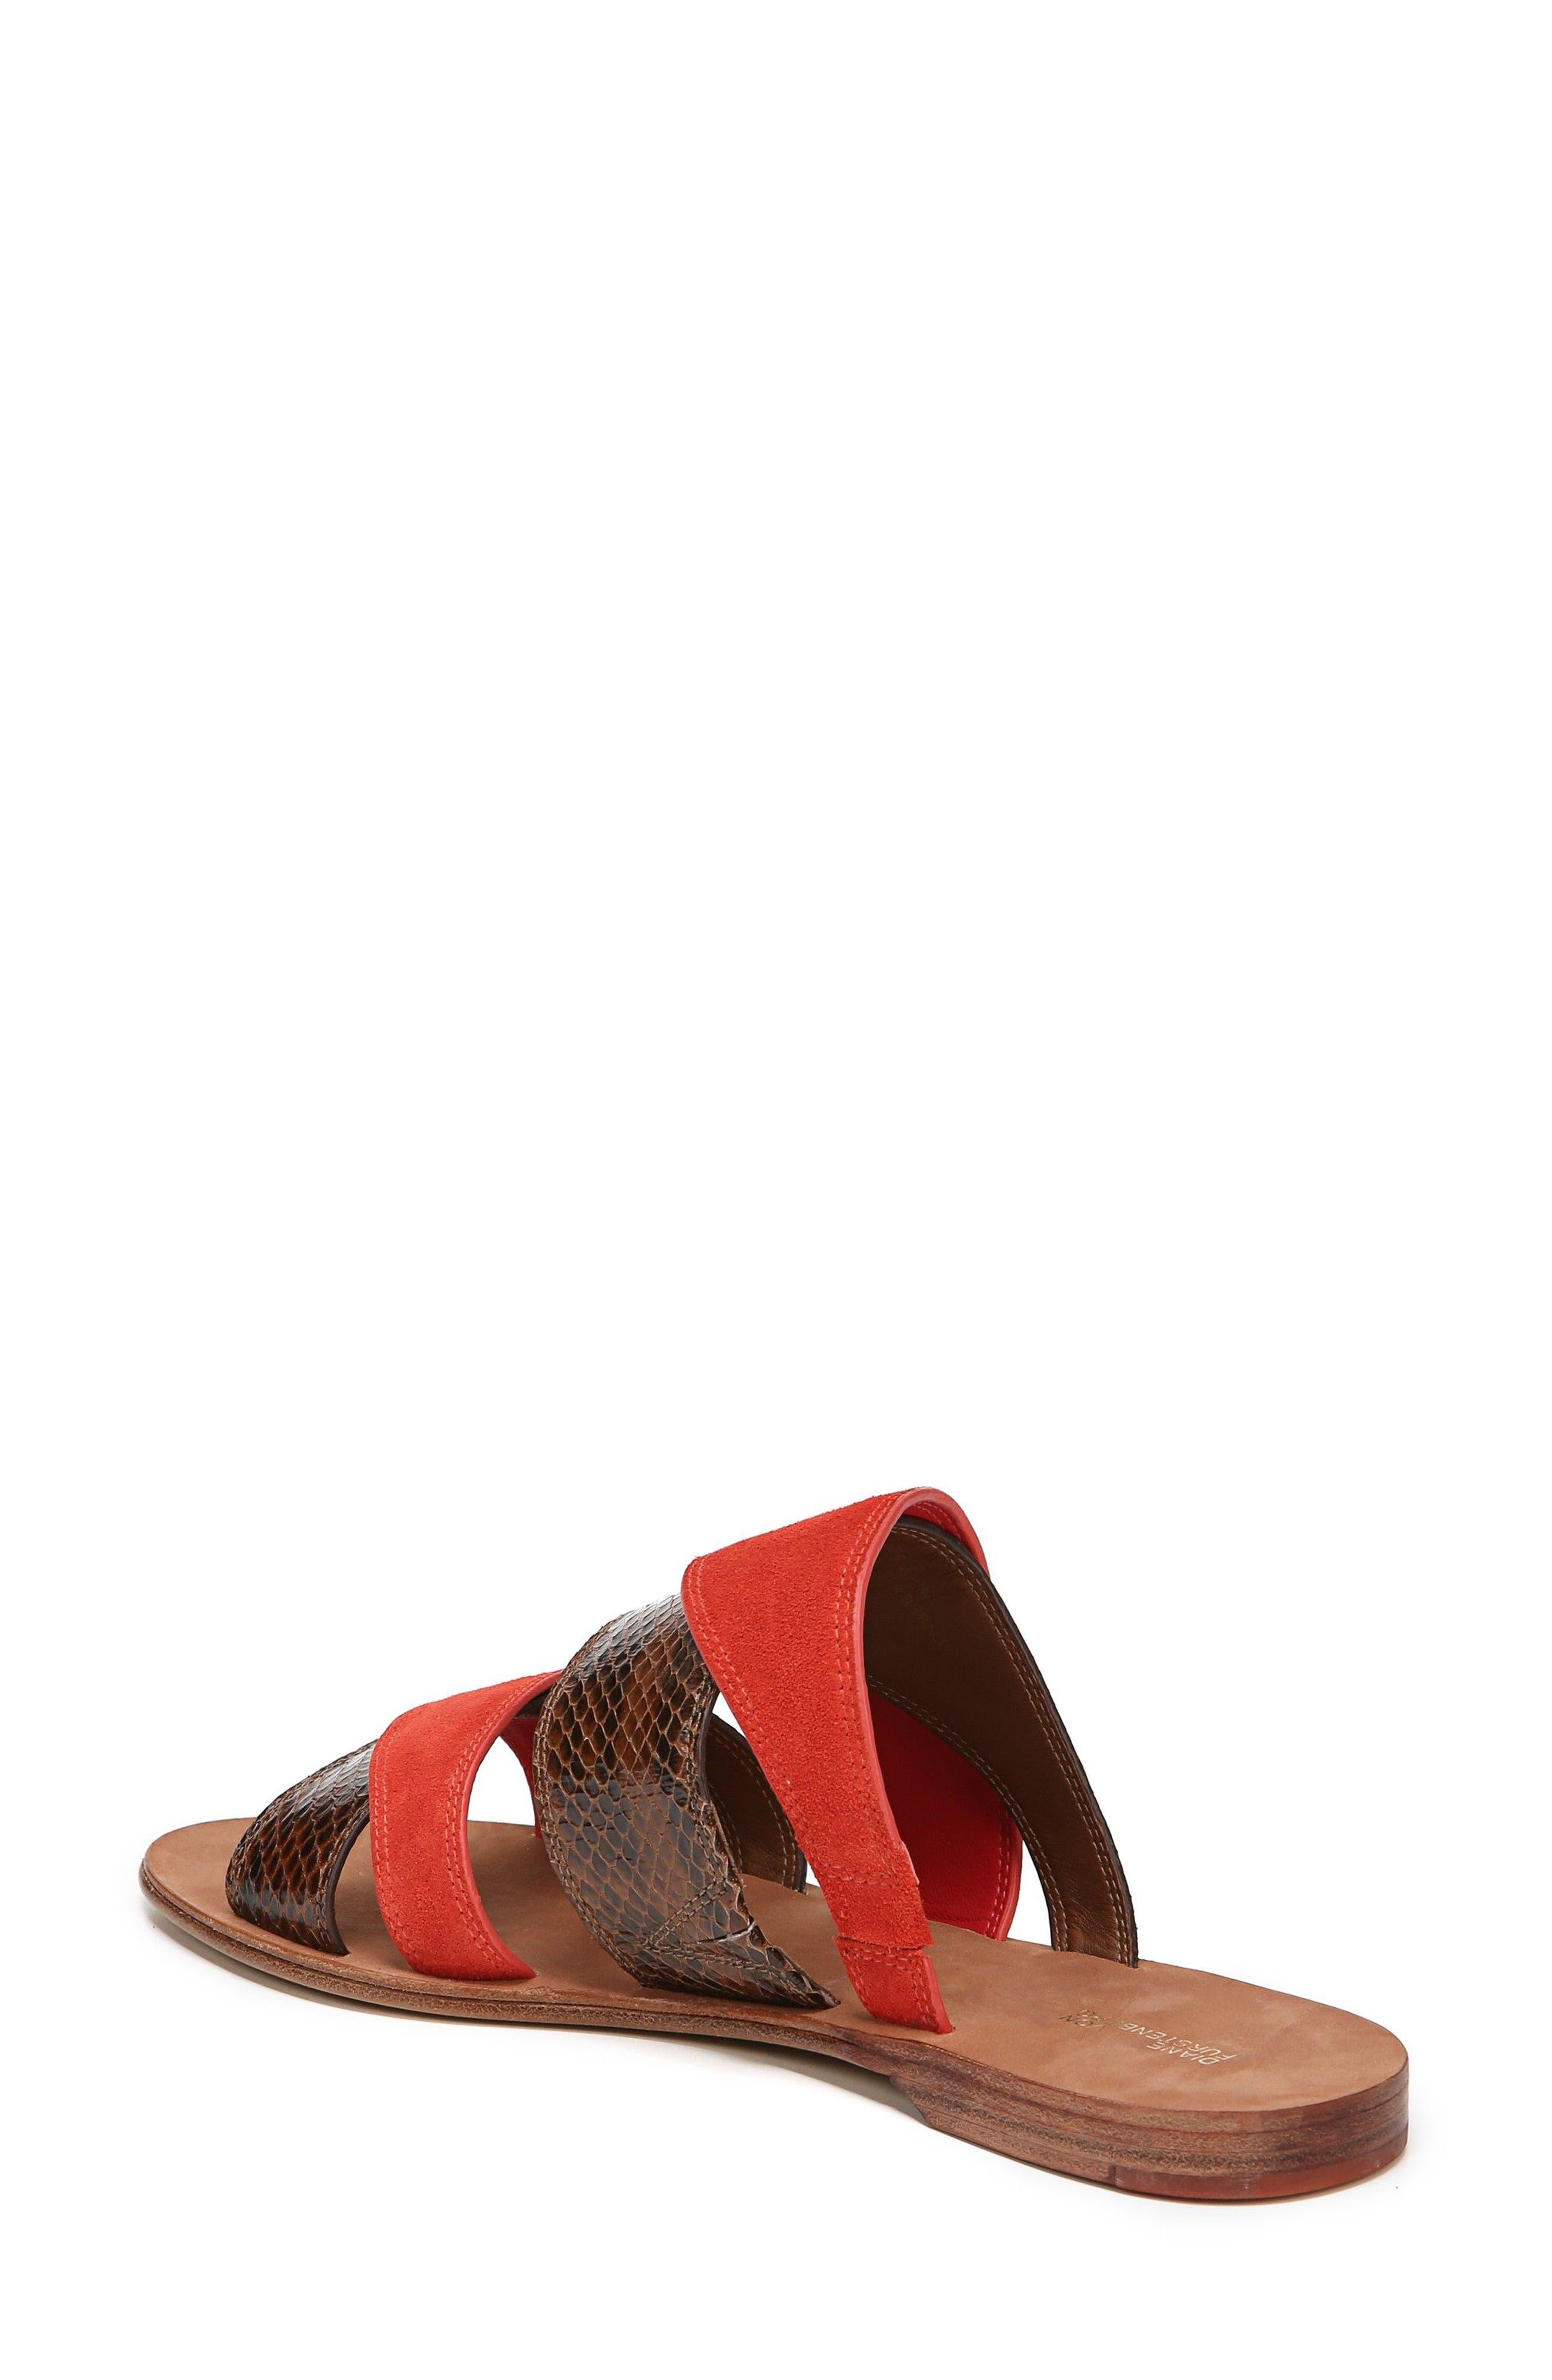 Blake Cross Strap Slide Sandal,                             Alternate thumbnail 2, color,                             Caramel/ Red